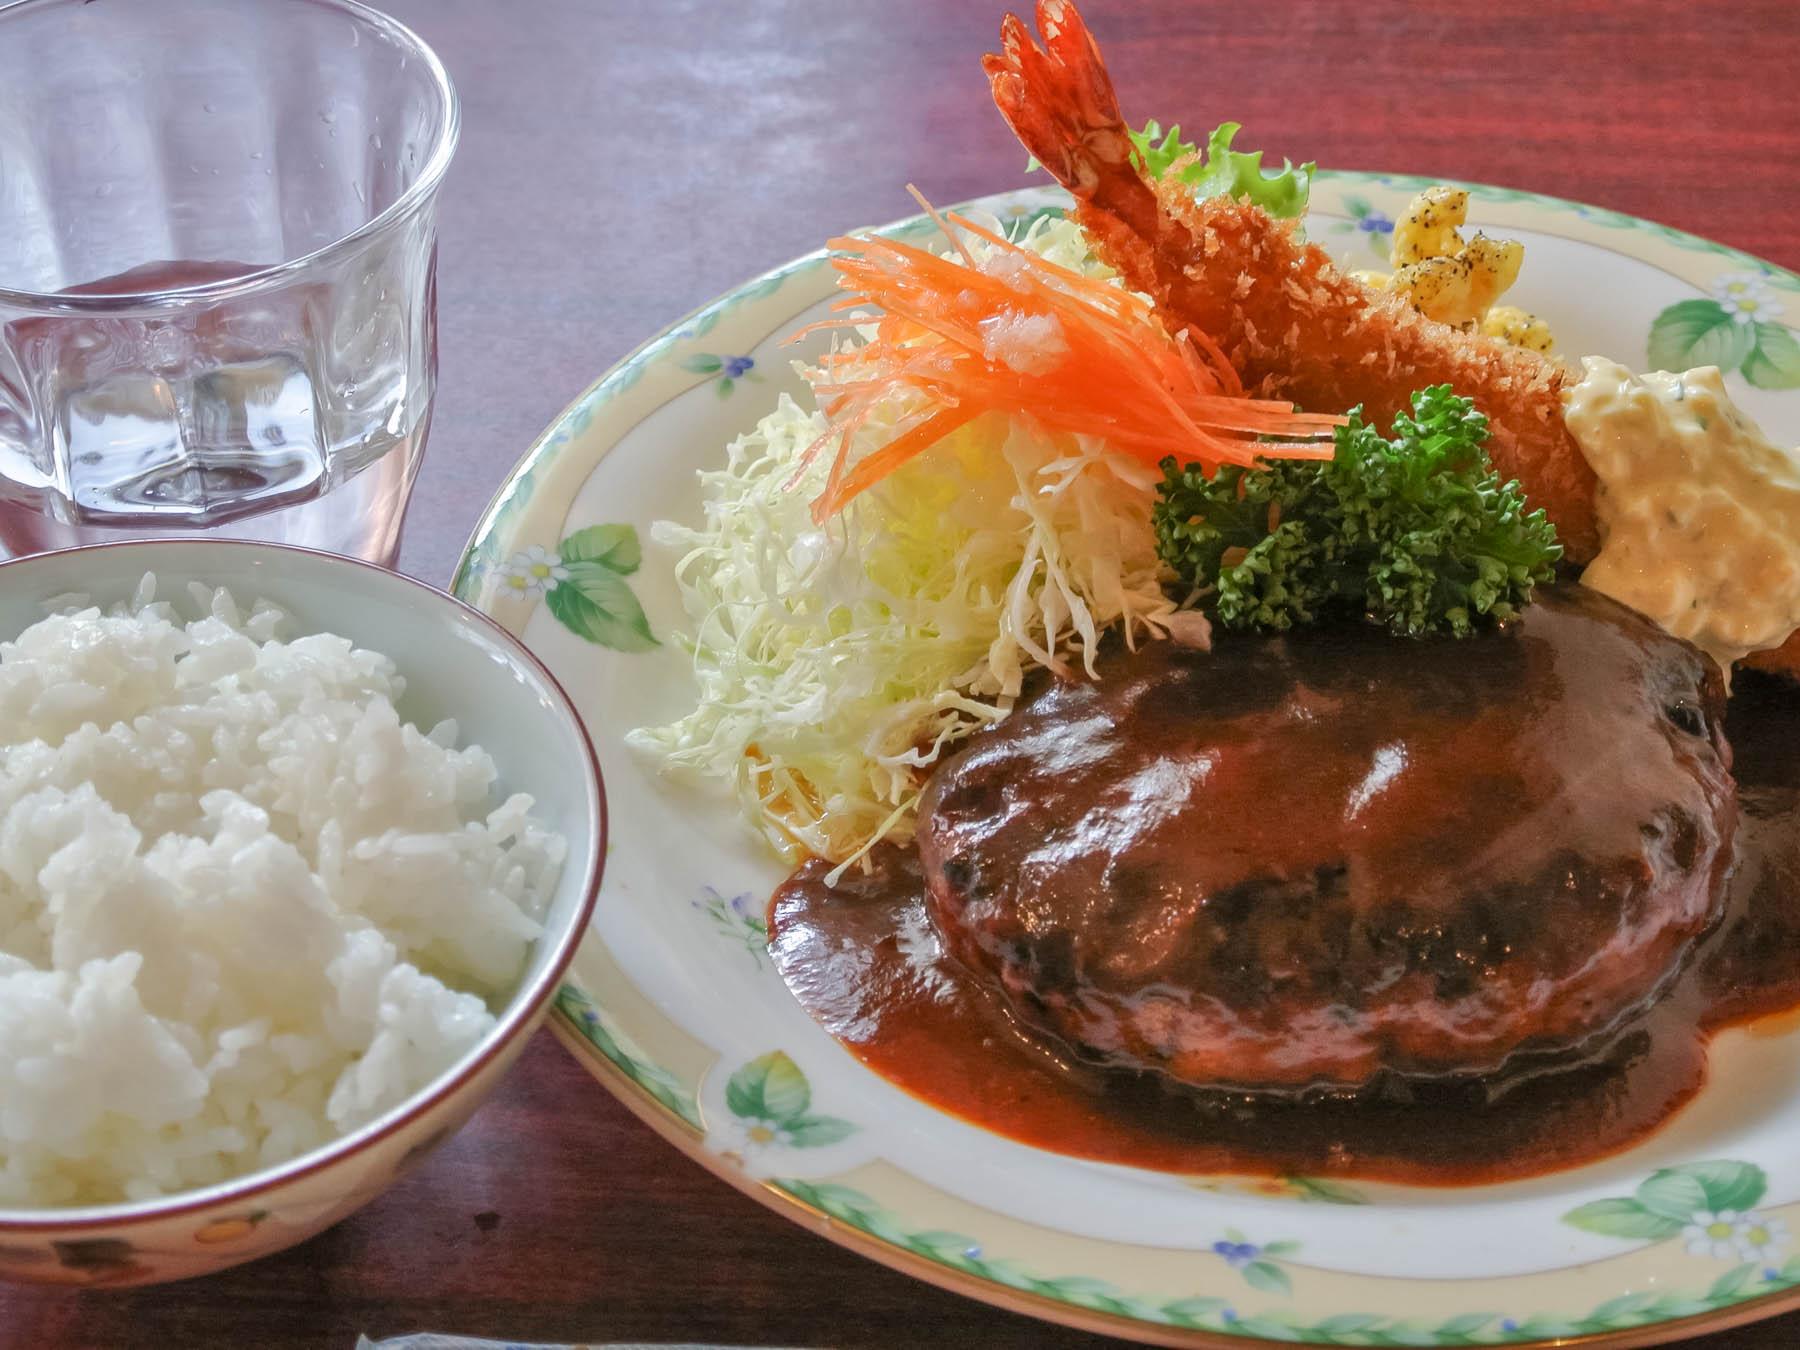 食べログでNo.1…だったこともあるソマリのハンバーグ 撮影:NIKON1 V1 + 1 NIKKOR 10-30mm